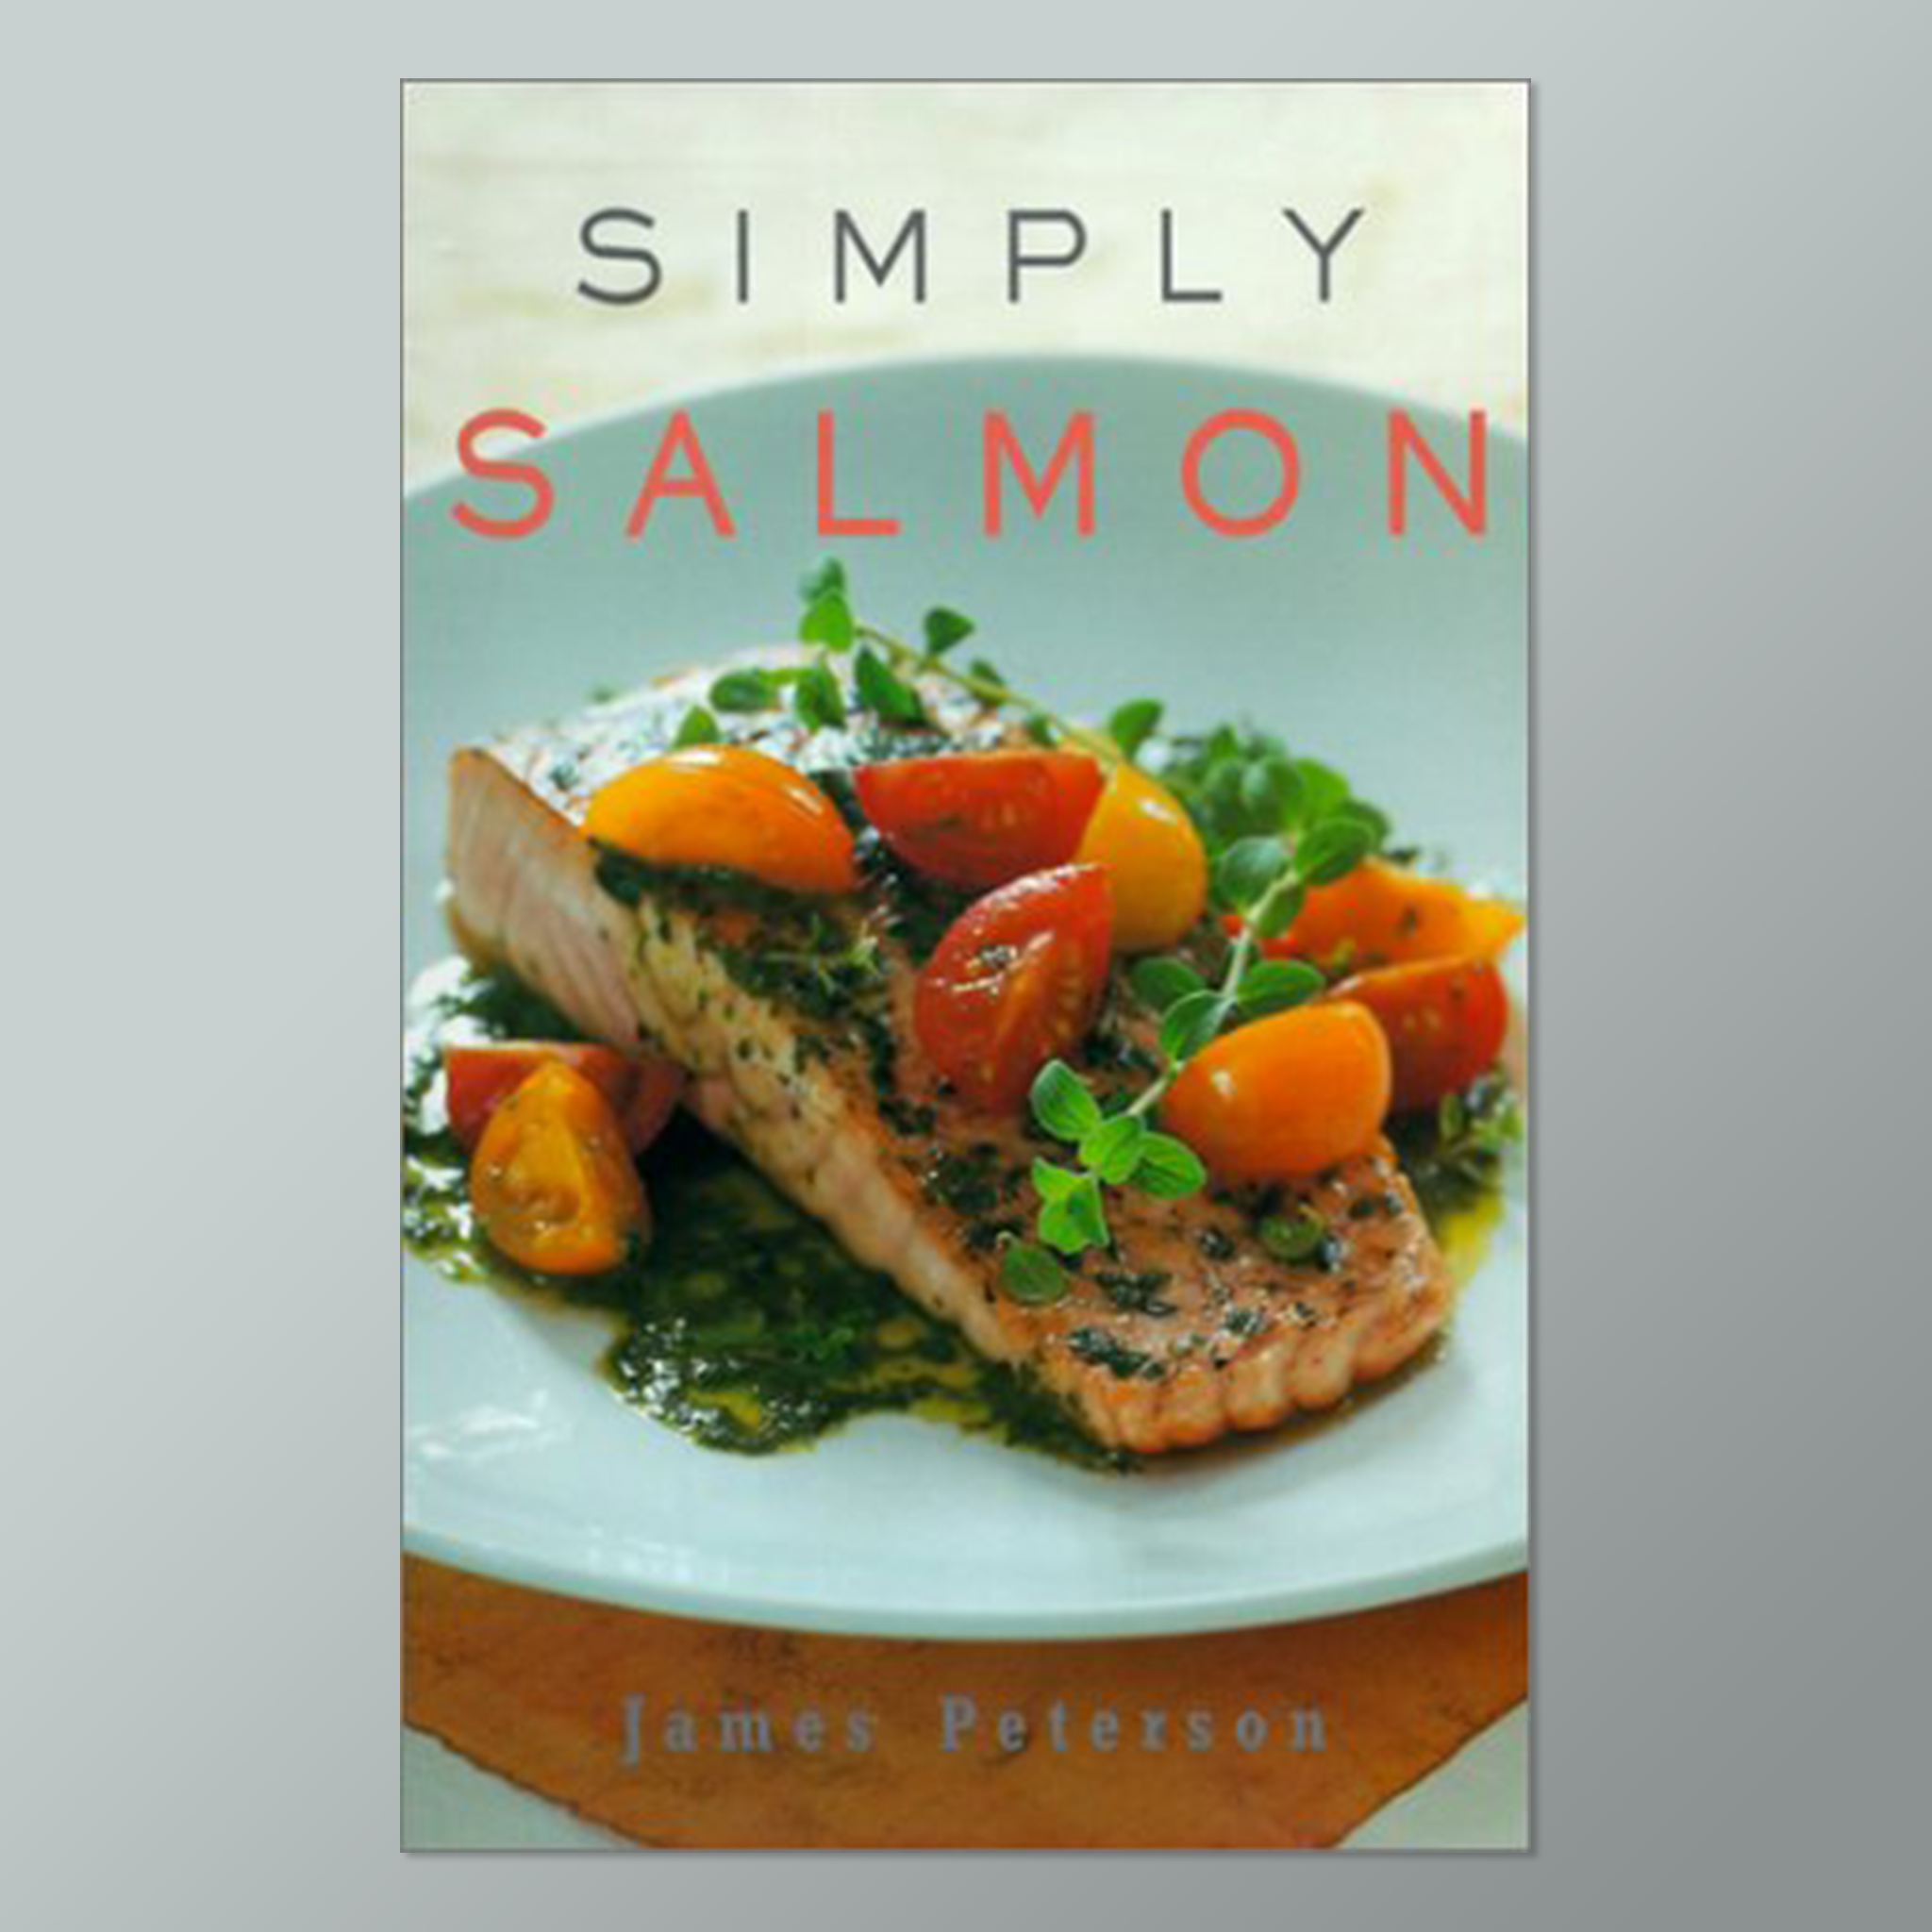 Simply Salmon